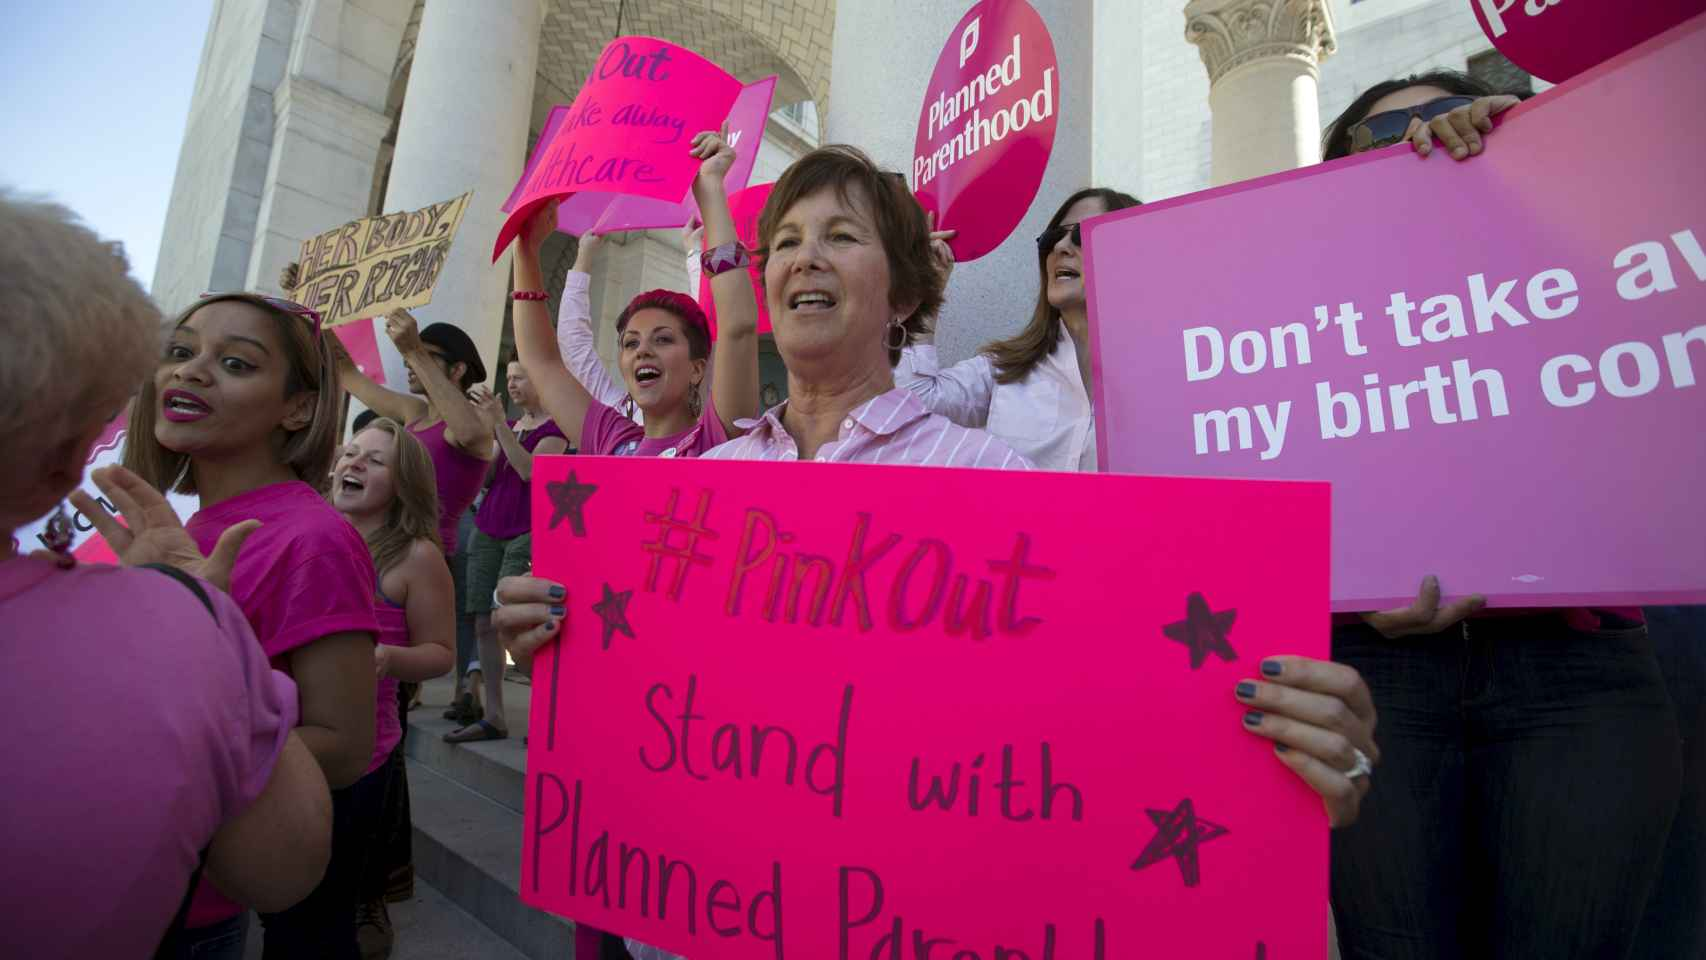 Activistas se manifiestan a favor de Planned Parenthood en Los Ángeles.